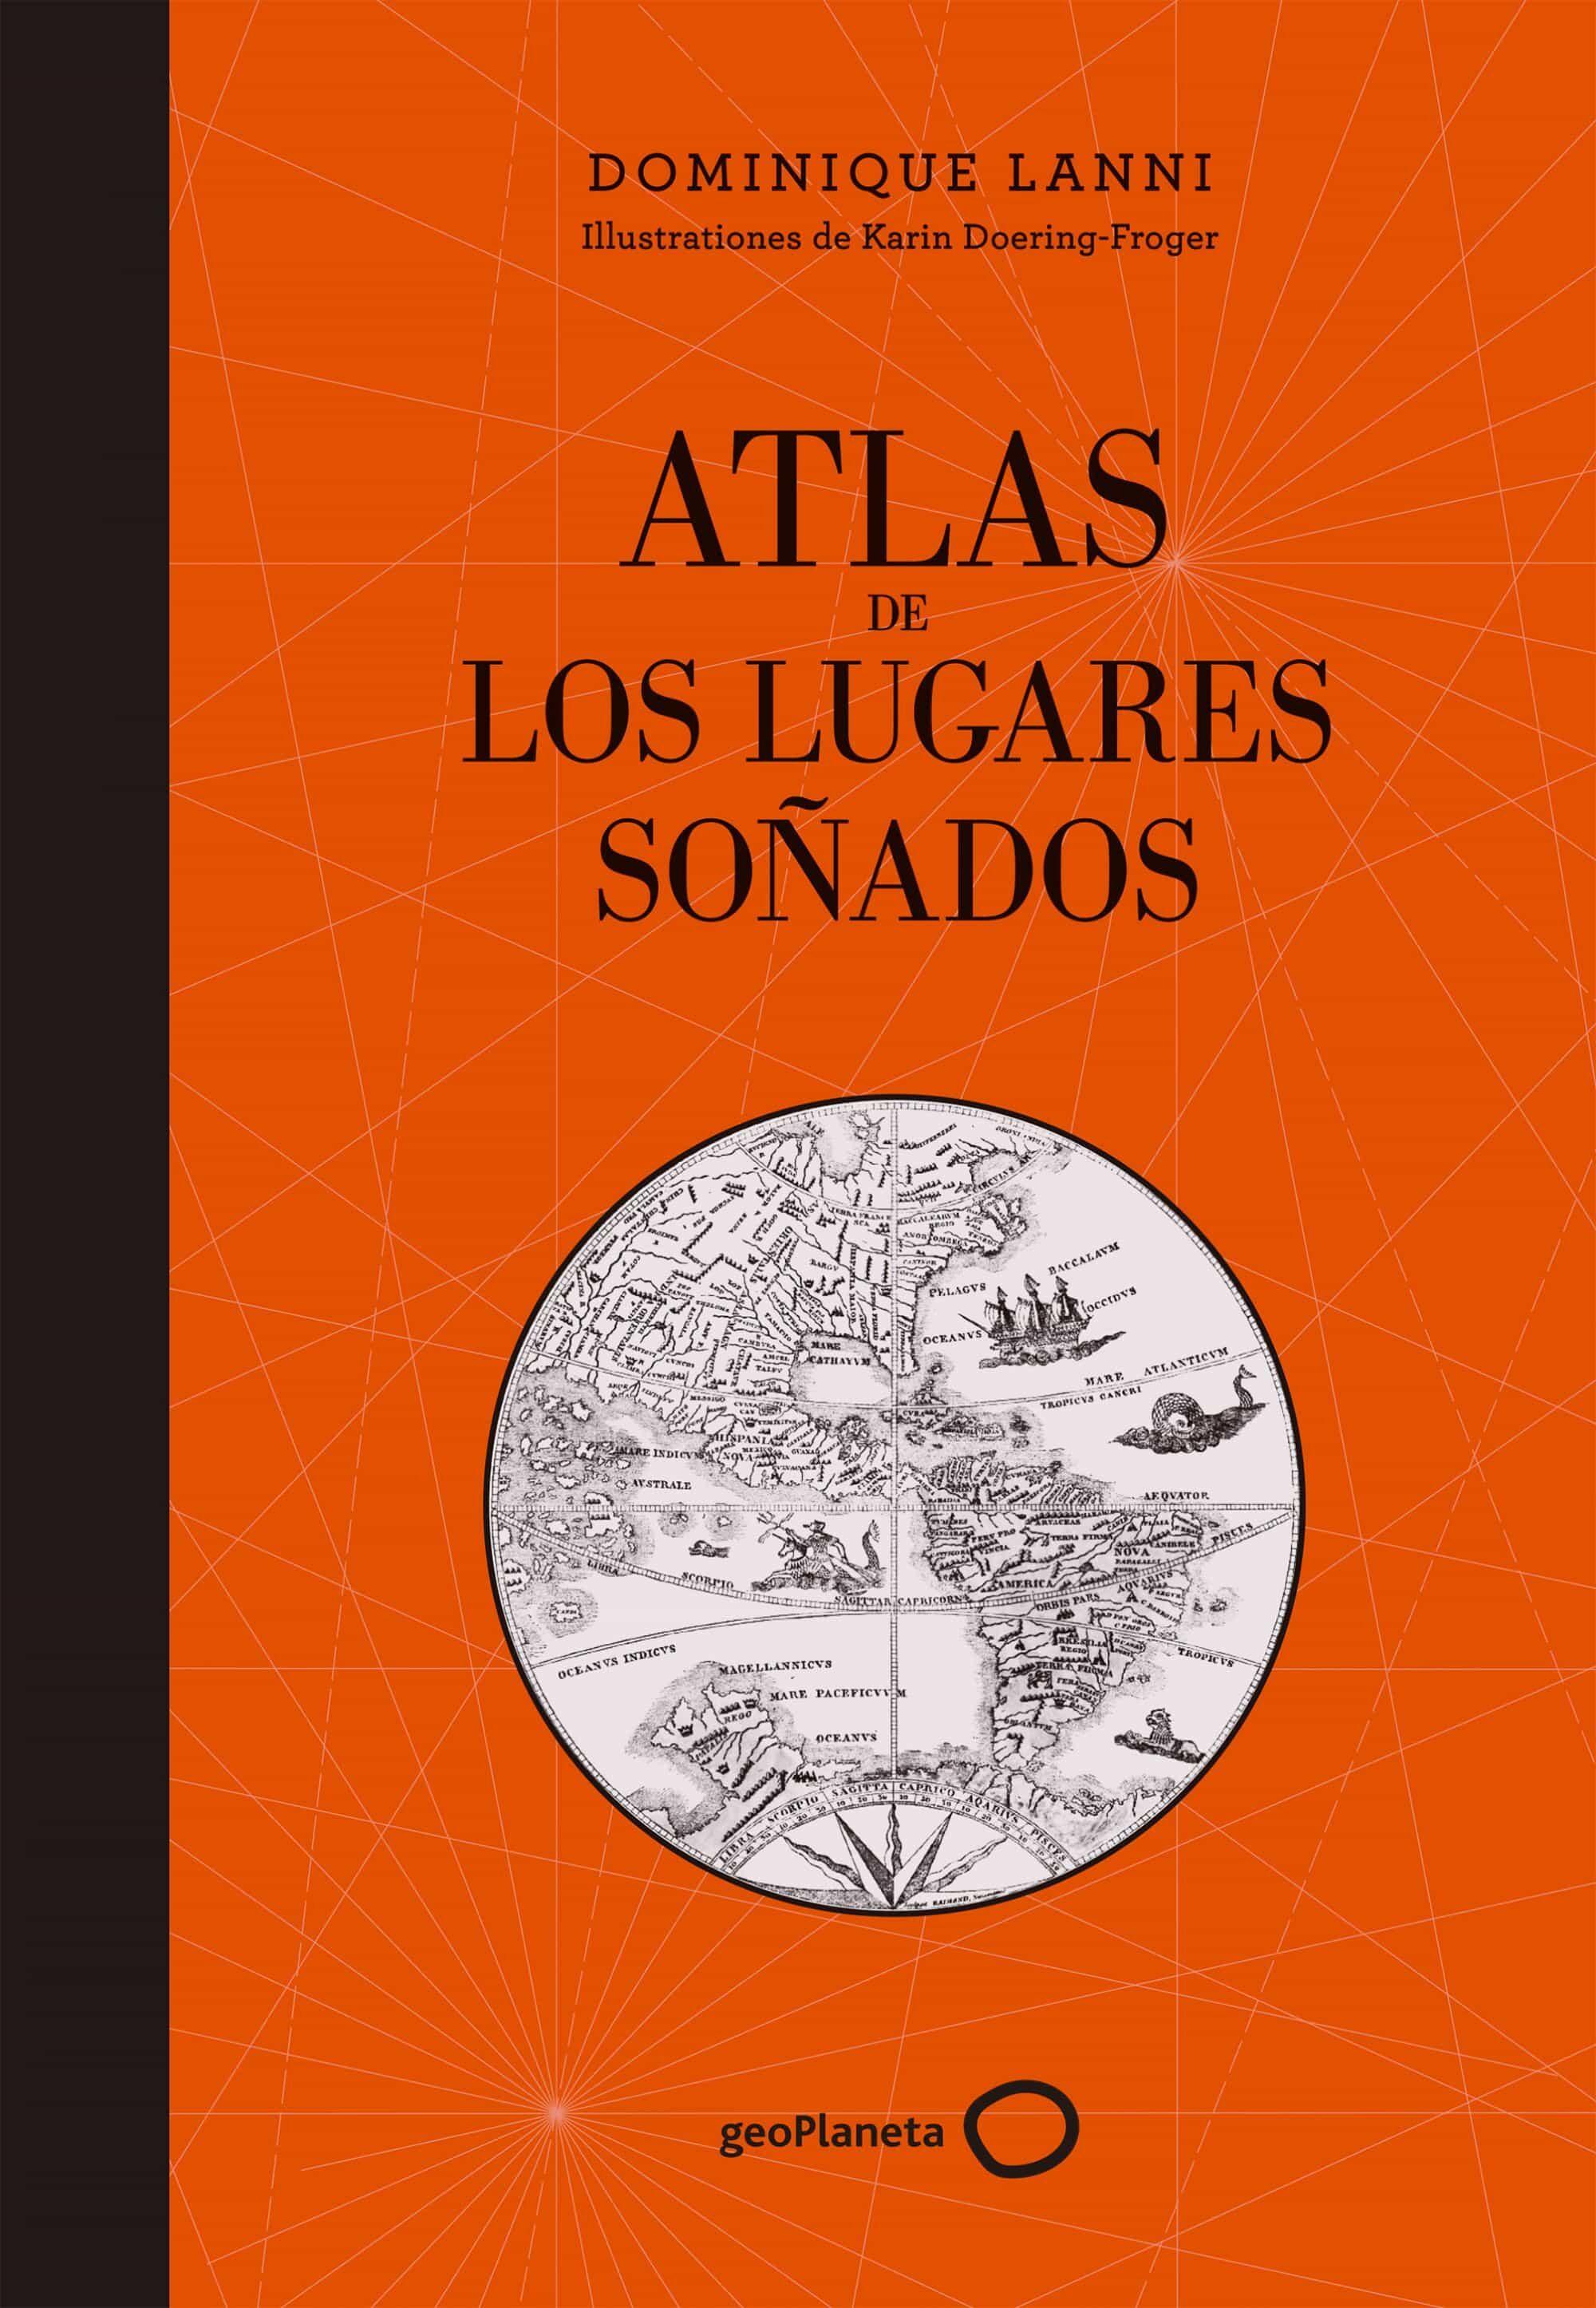 atlas de los lugares soñados-dominique lanni-9788408152361